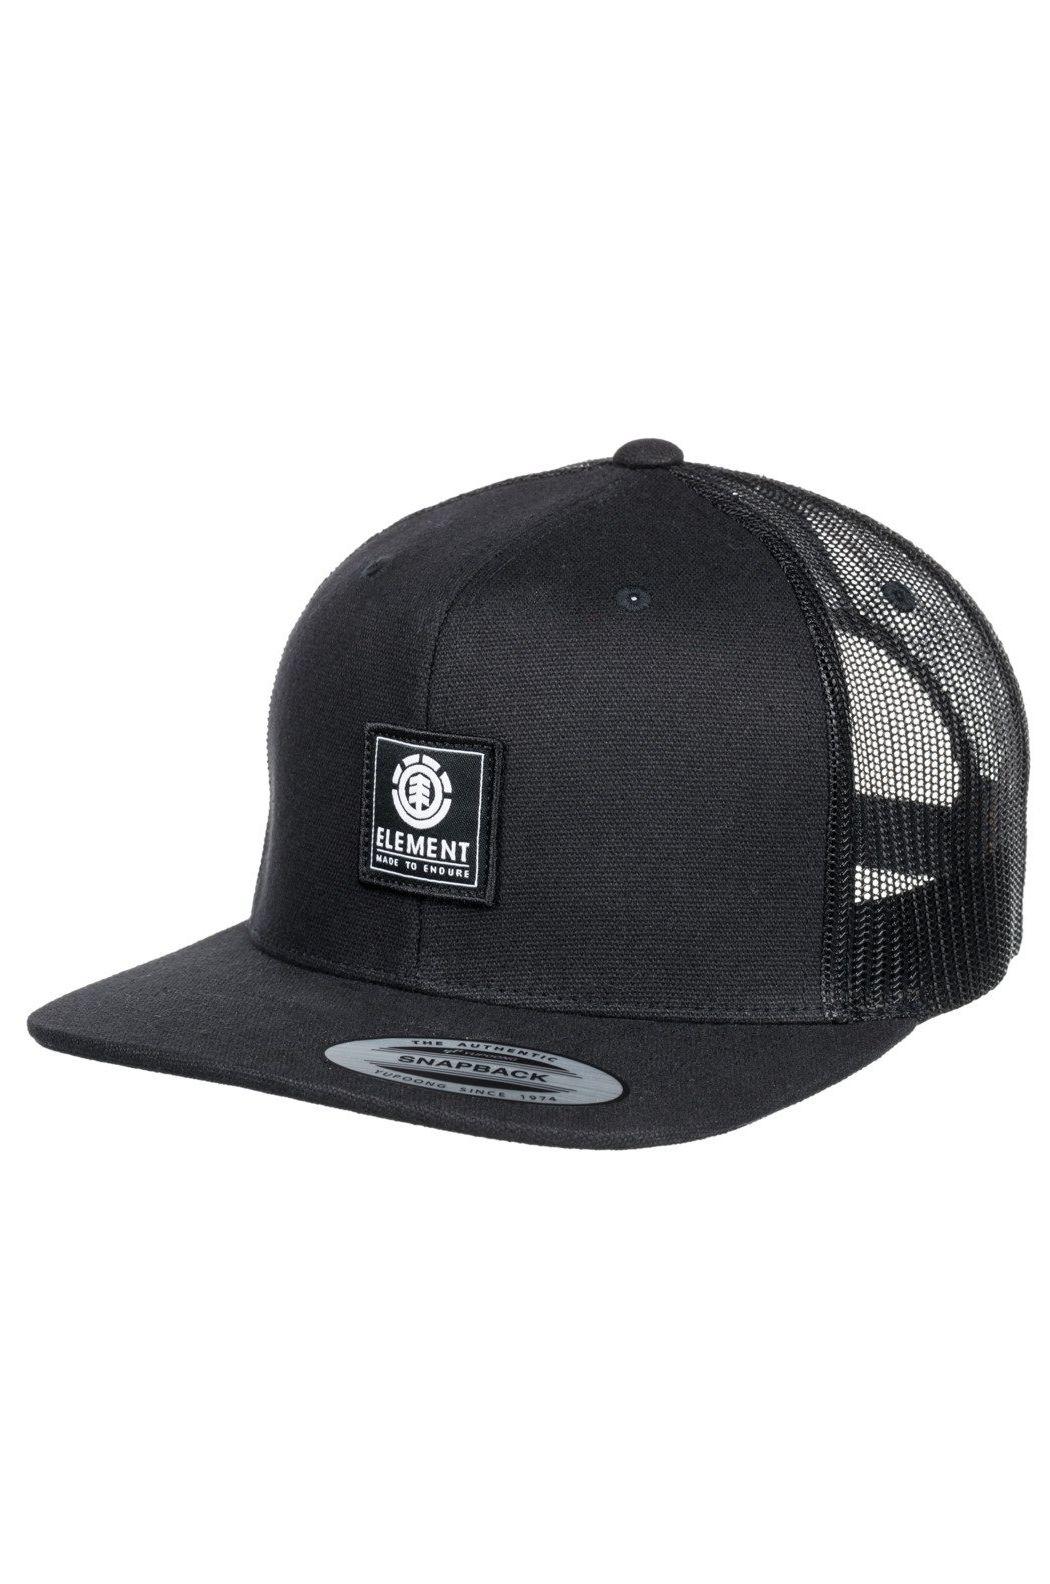 Element Cap   PRIME CAP Flint Black